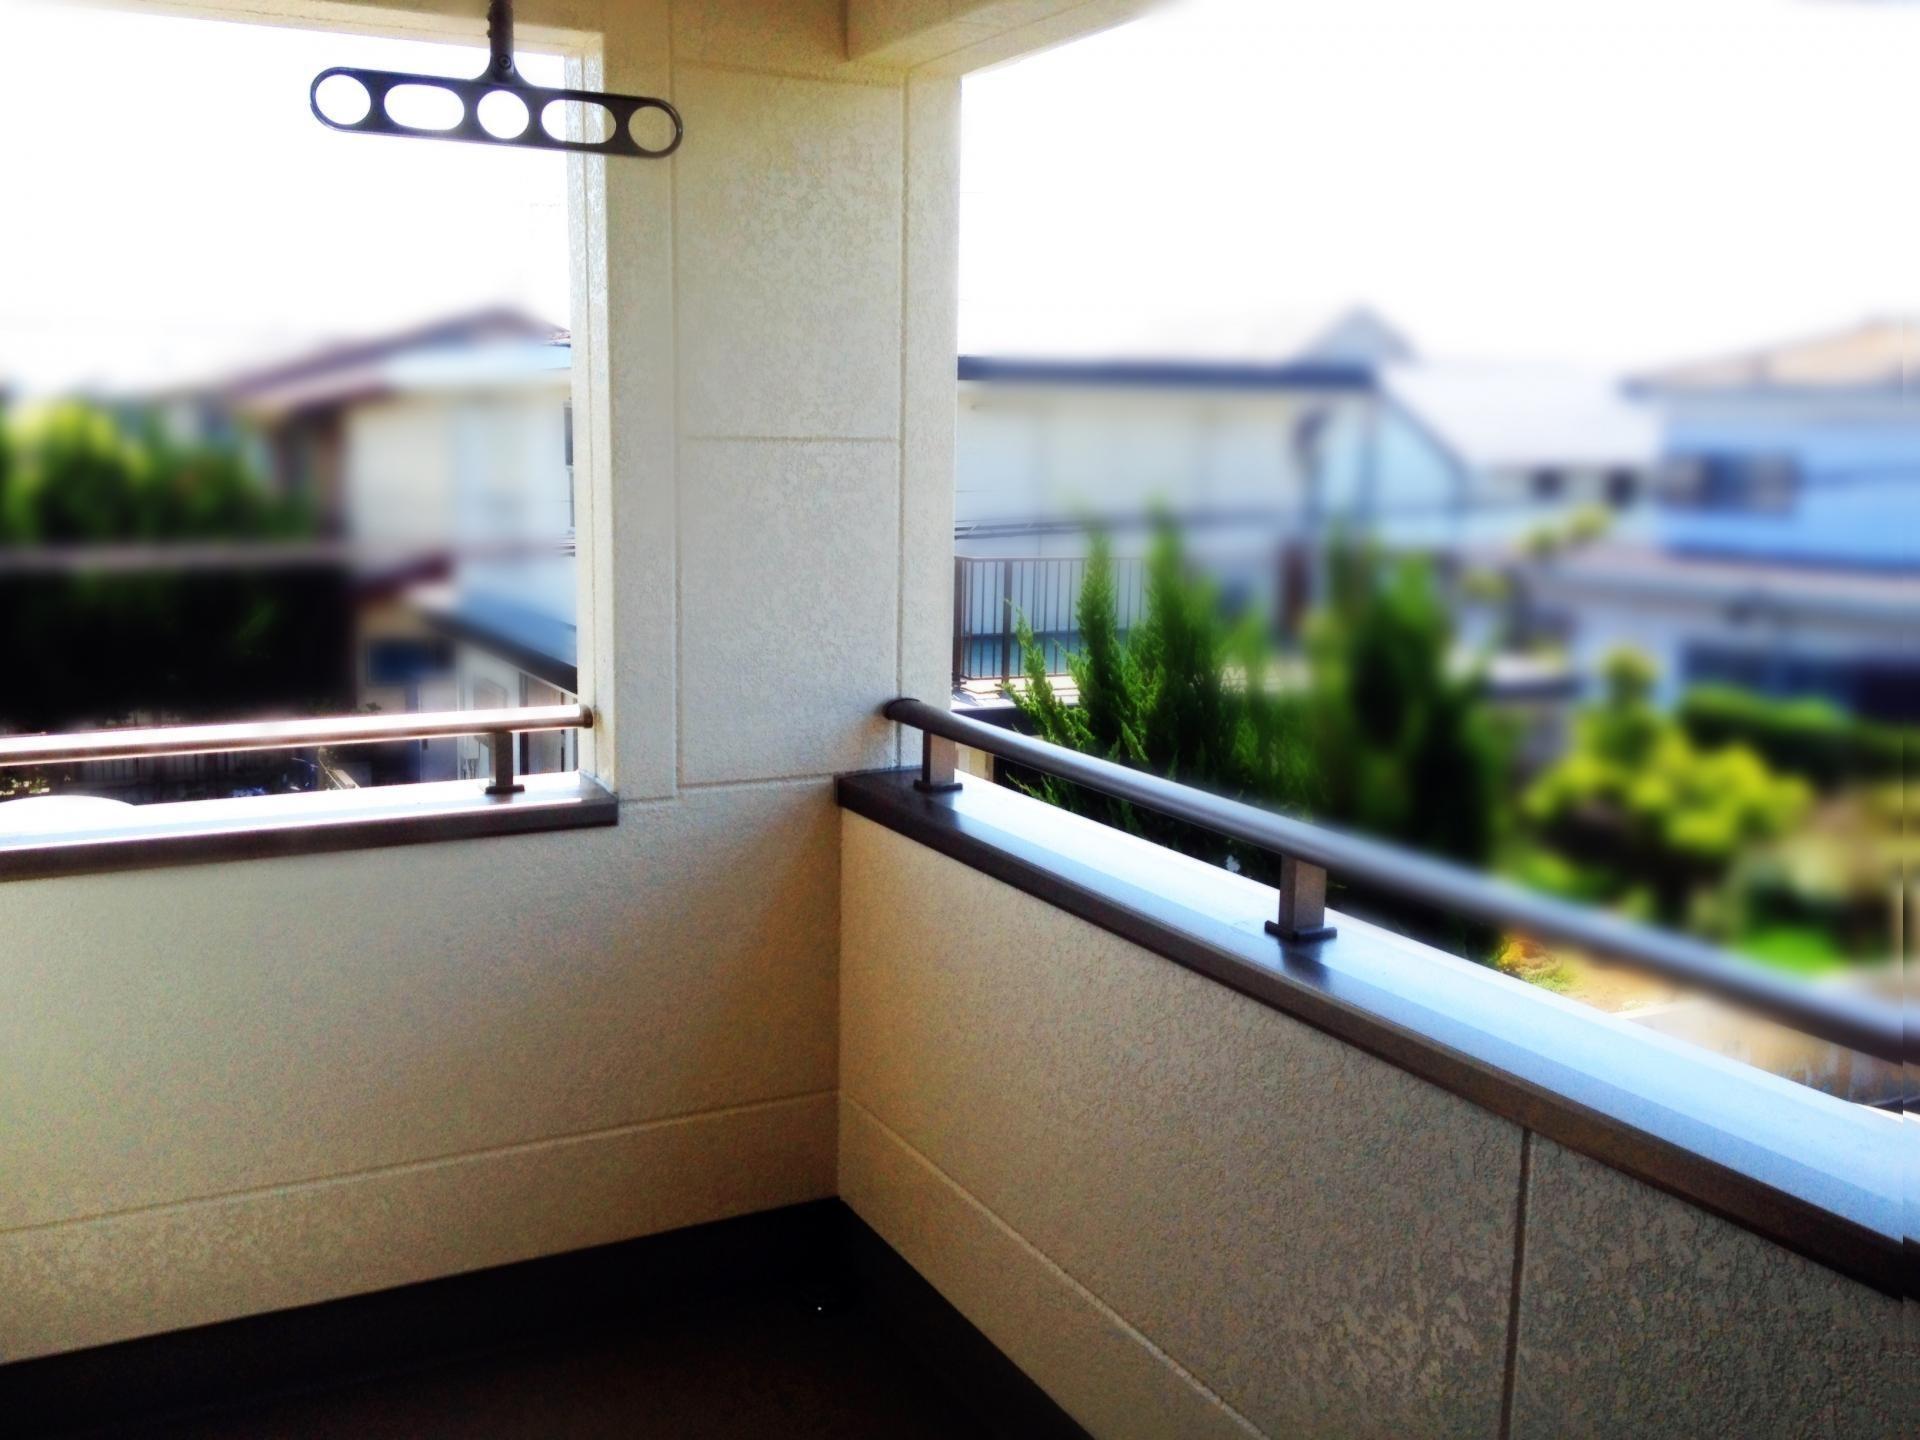 ベランダやマンションの外部廊下は腰高の壁で囲まれているが、これと外壁とのジョイントにもコーキングが施工されていることが多い。手すりなどがついていれば、その継ぎ目にもコーキングが施工されている。